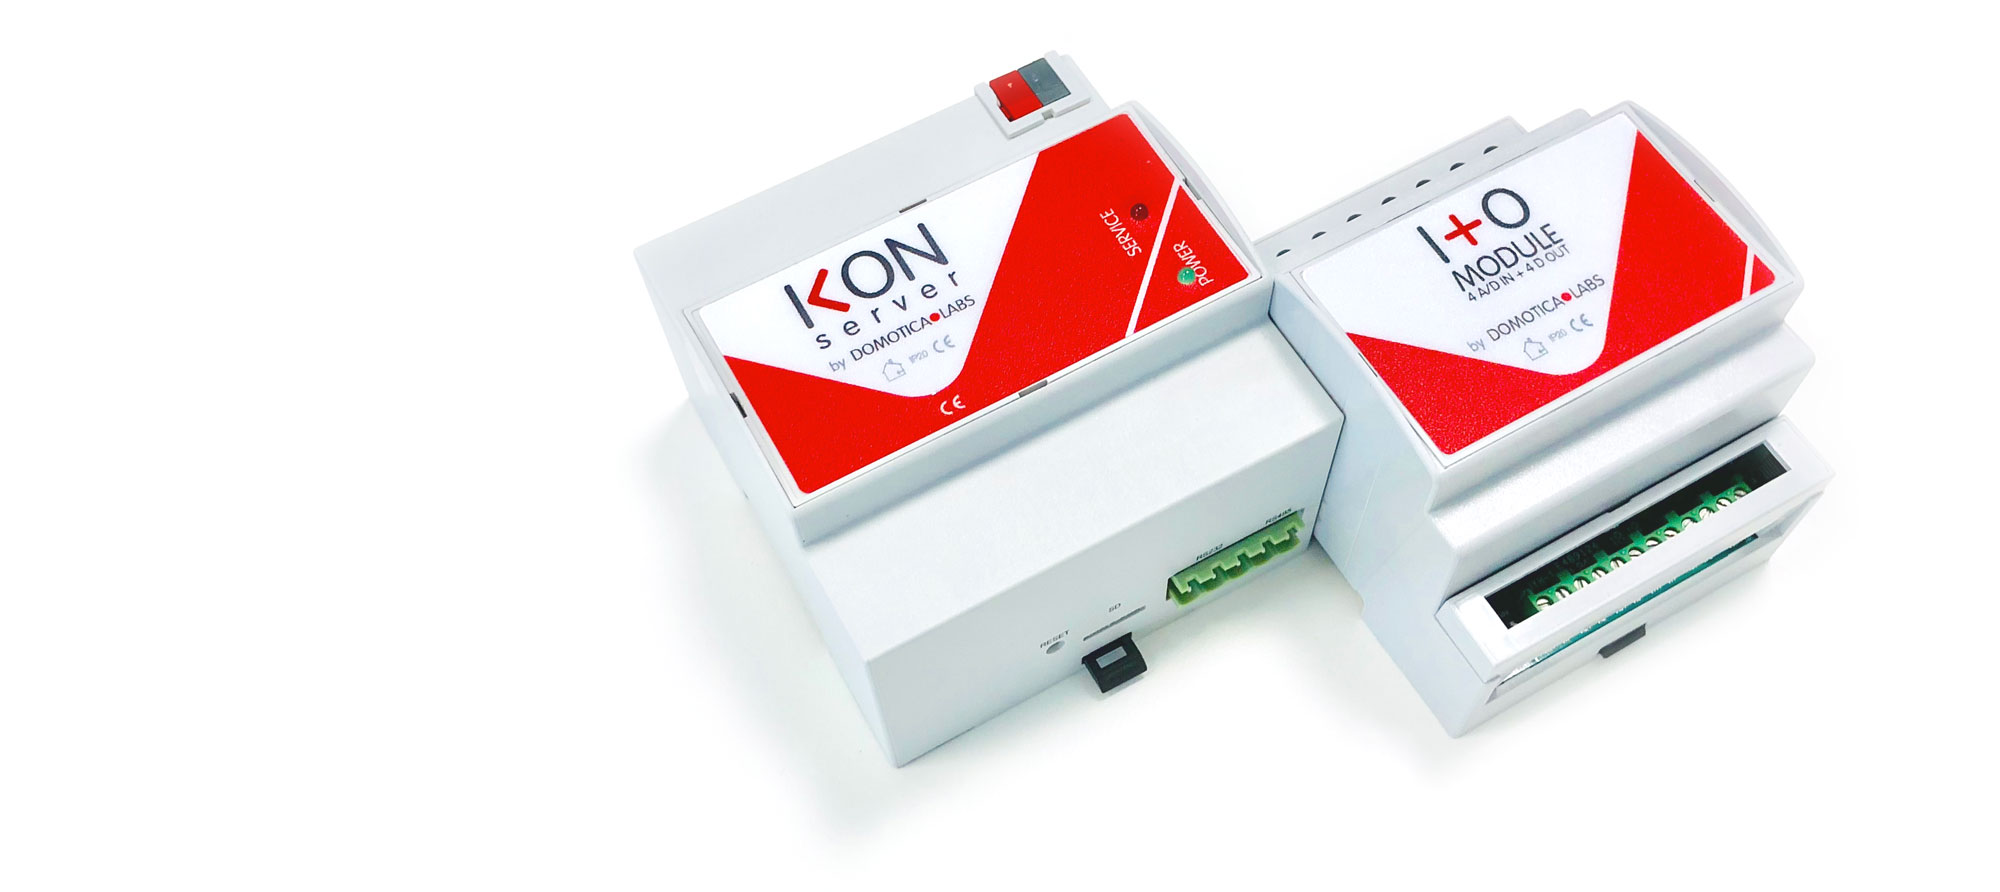 Prodotti Domotici Cosa Sono bundles ikon server - domotica knx myhome modbus e soluzioni iot